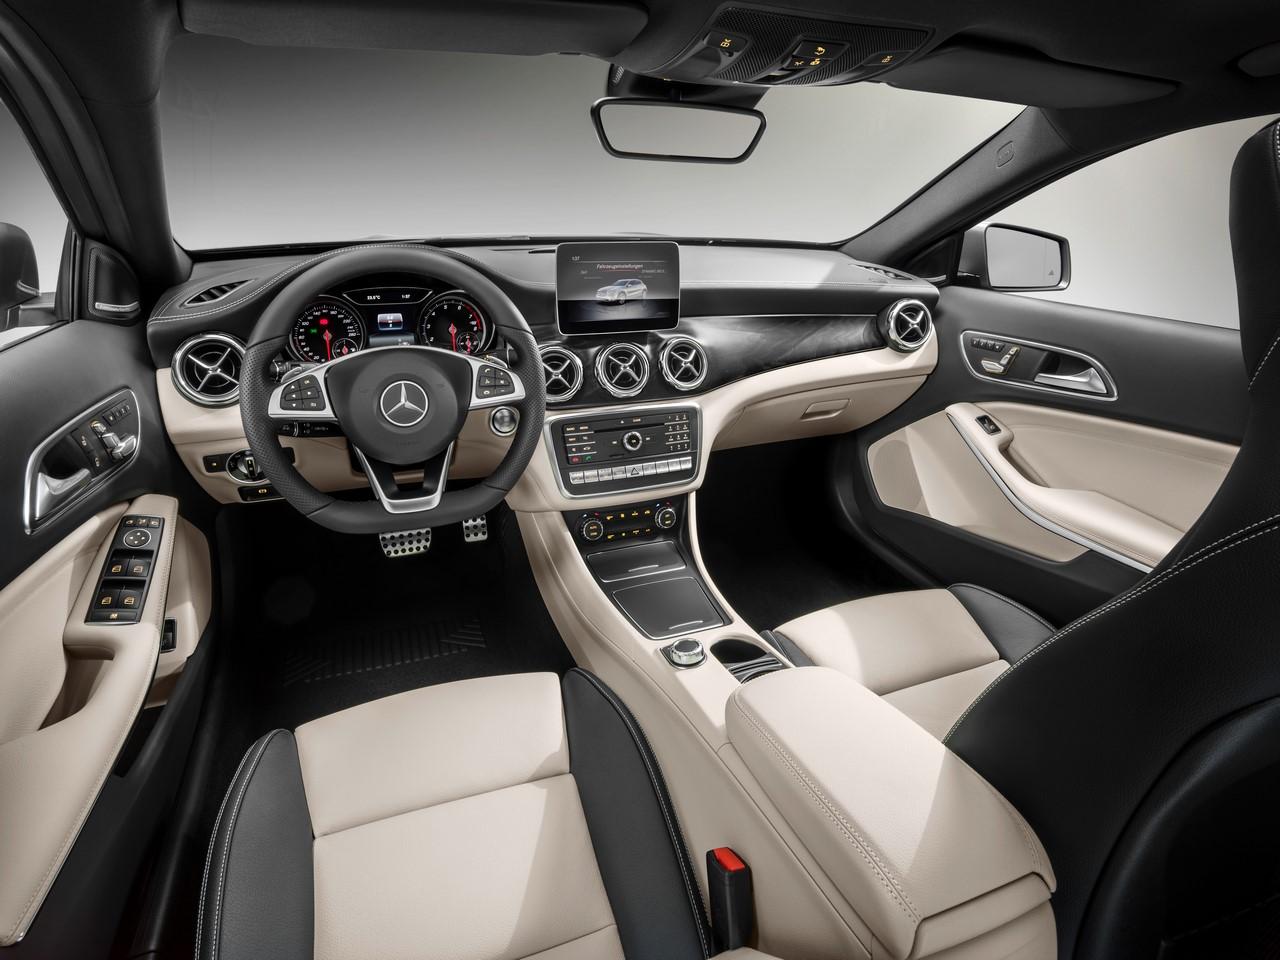 2017 Mercedes GLA 250 4MATIC AMG Line dashboard